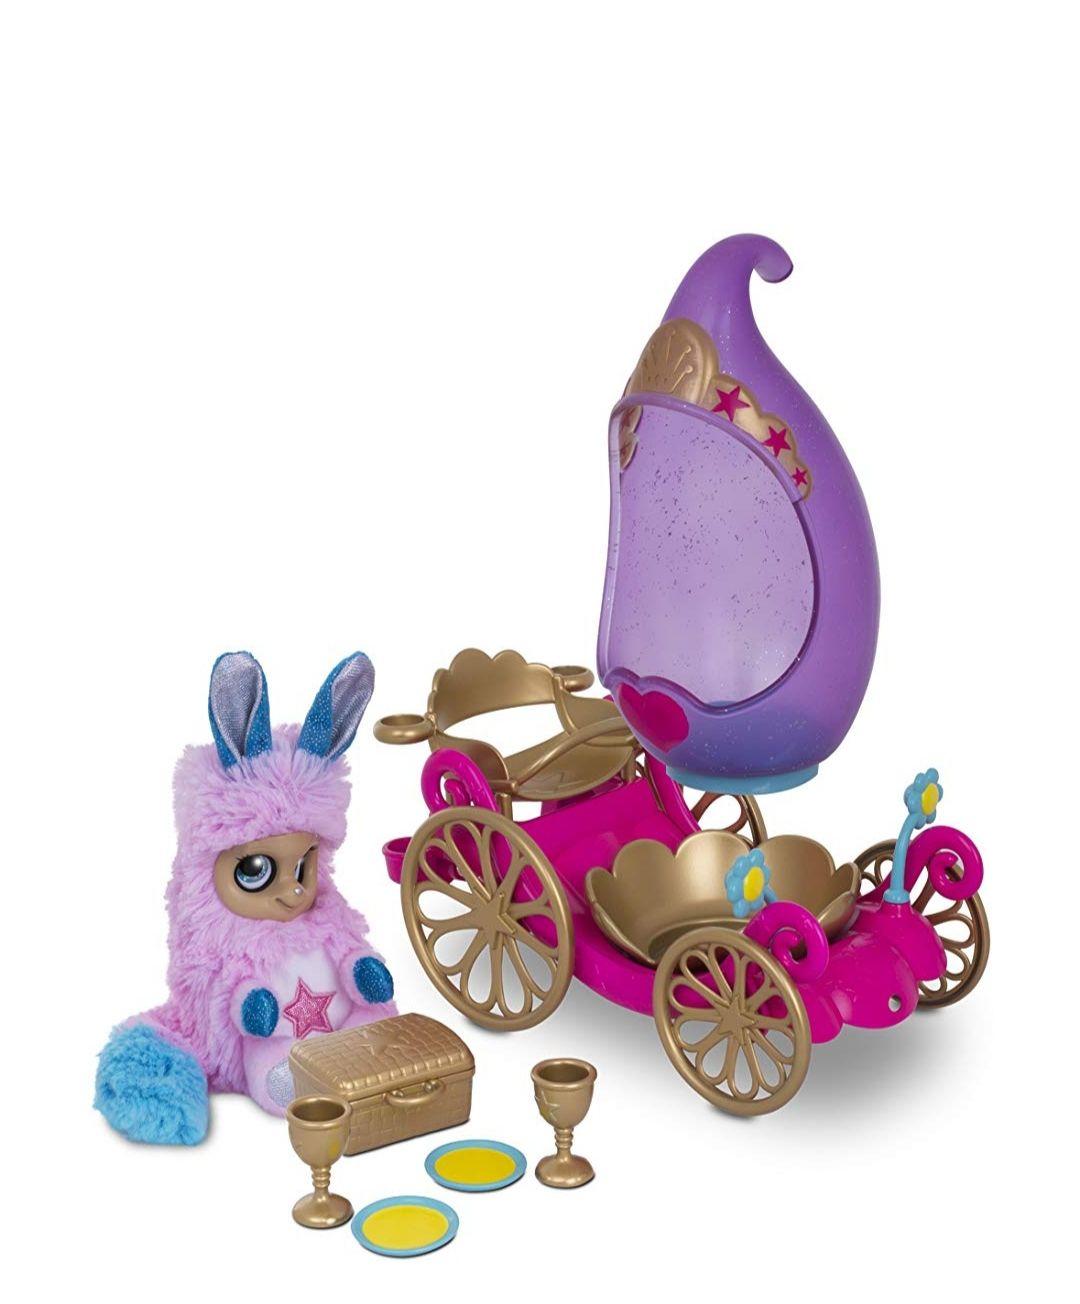 Bush Baby World Royal Pod Carriage - £9.26 (Prime + £4.49 Non Prime) @ Amazon